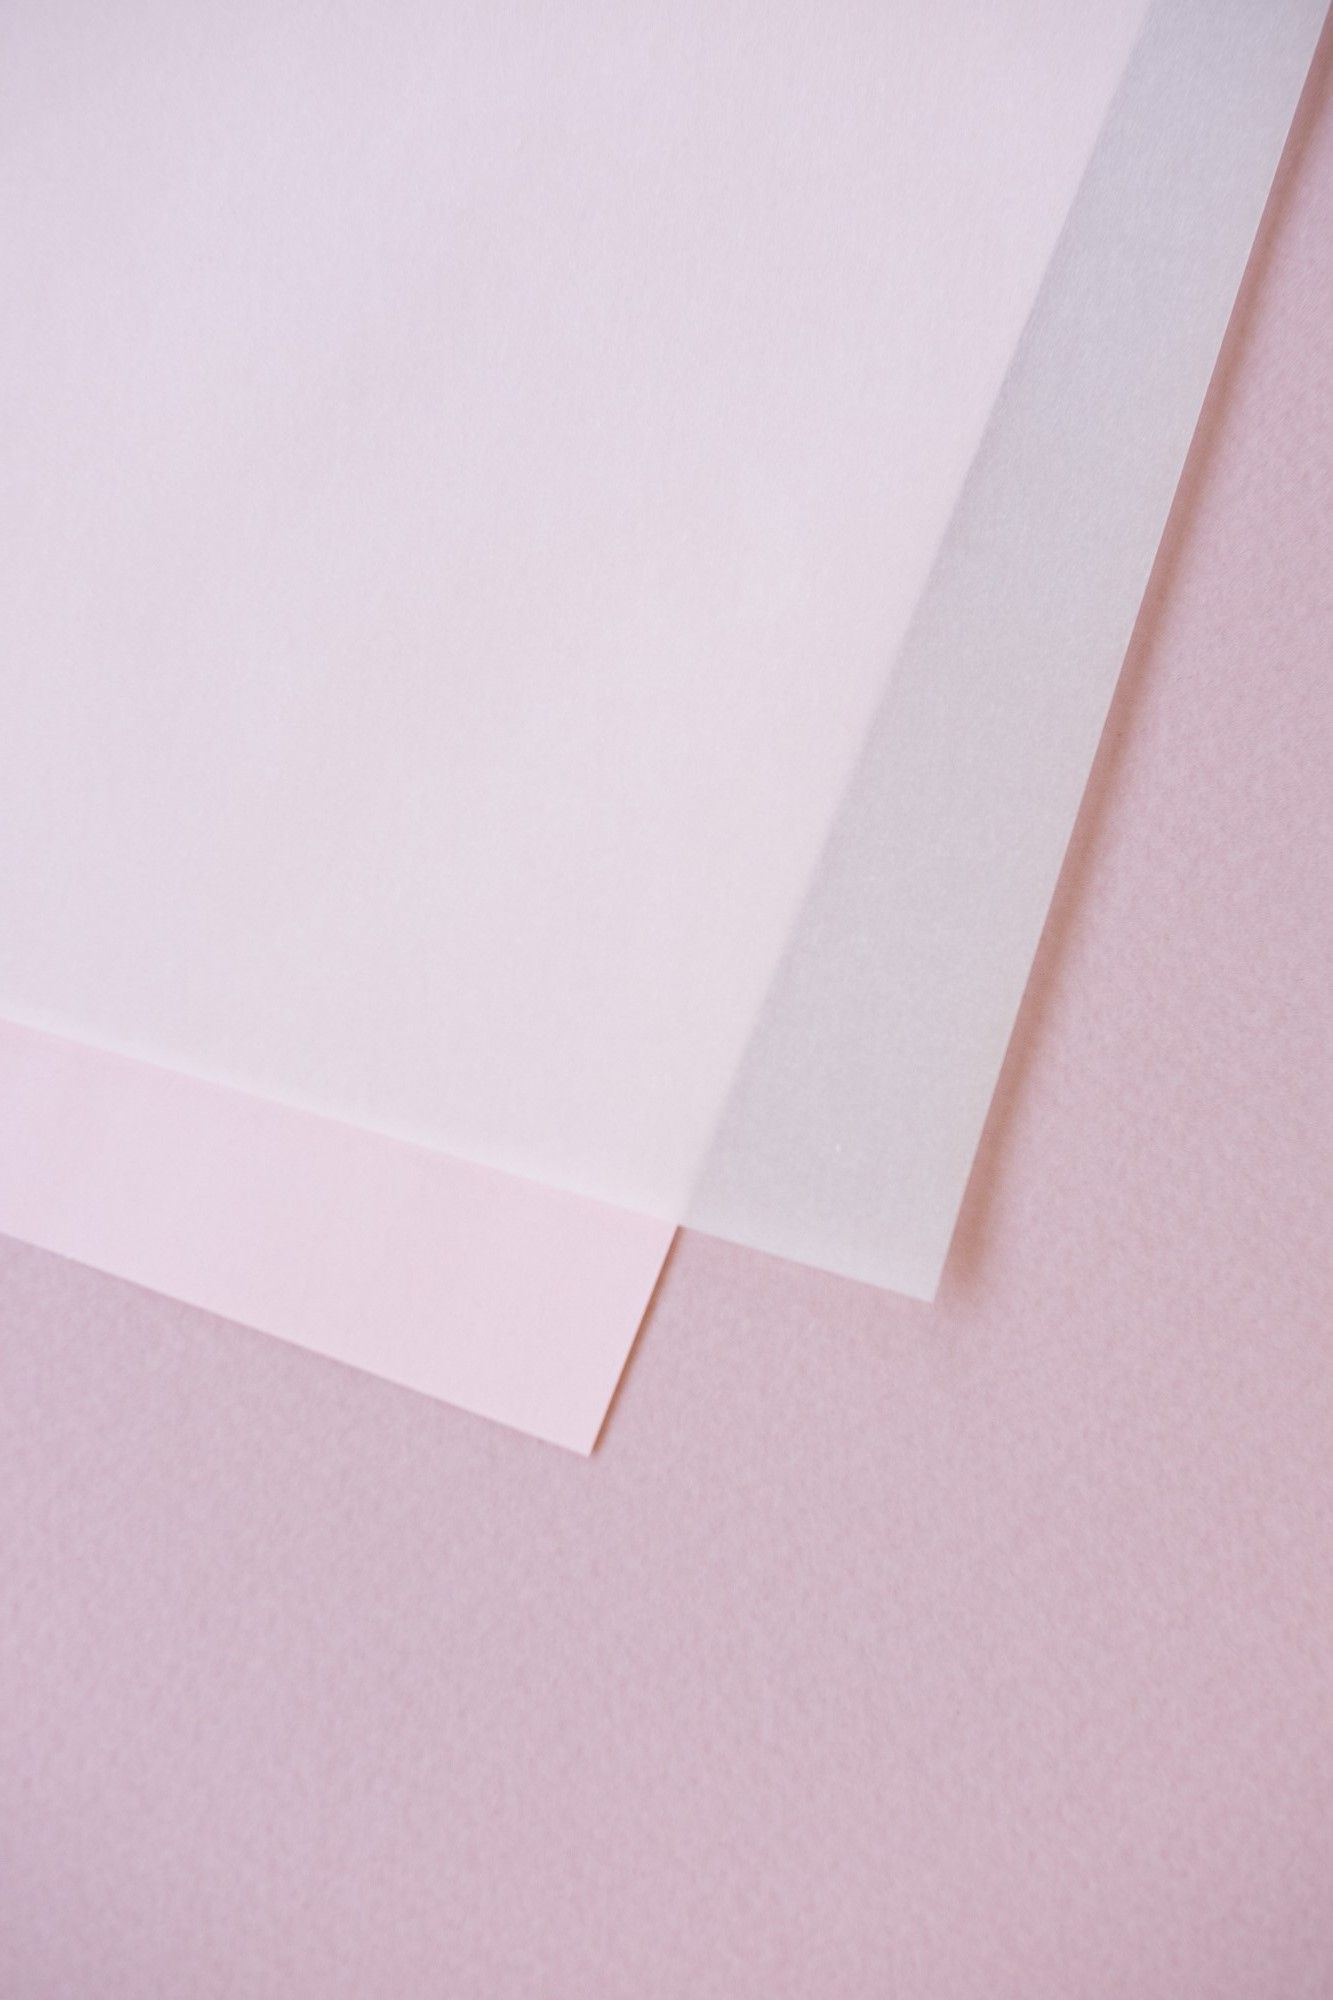 Papier In Der Farbe Rosa Rosa Papier Rosa Papier